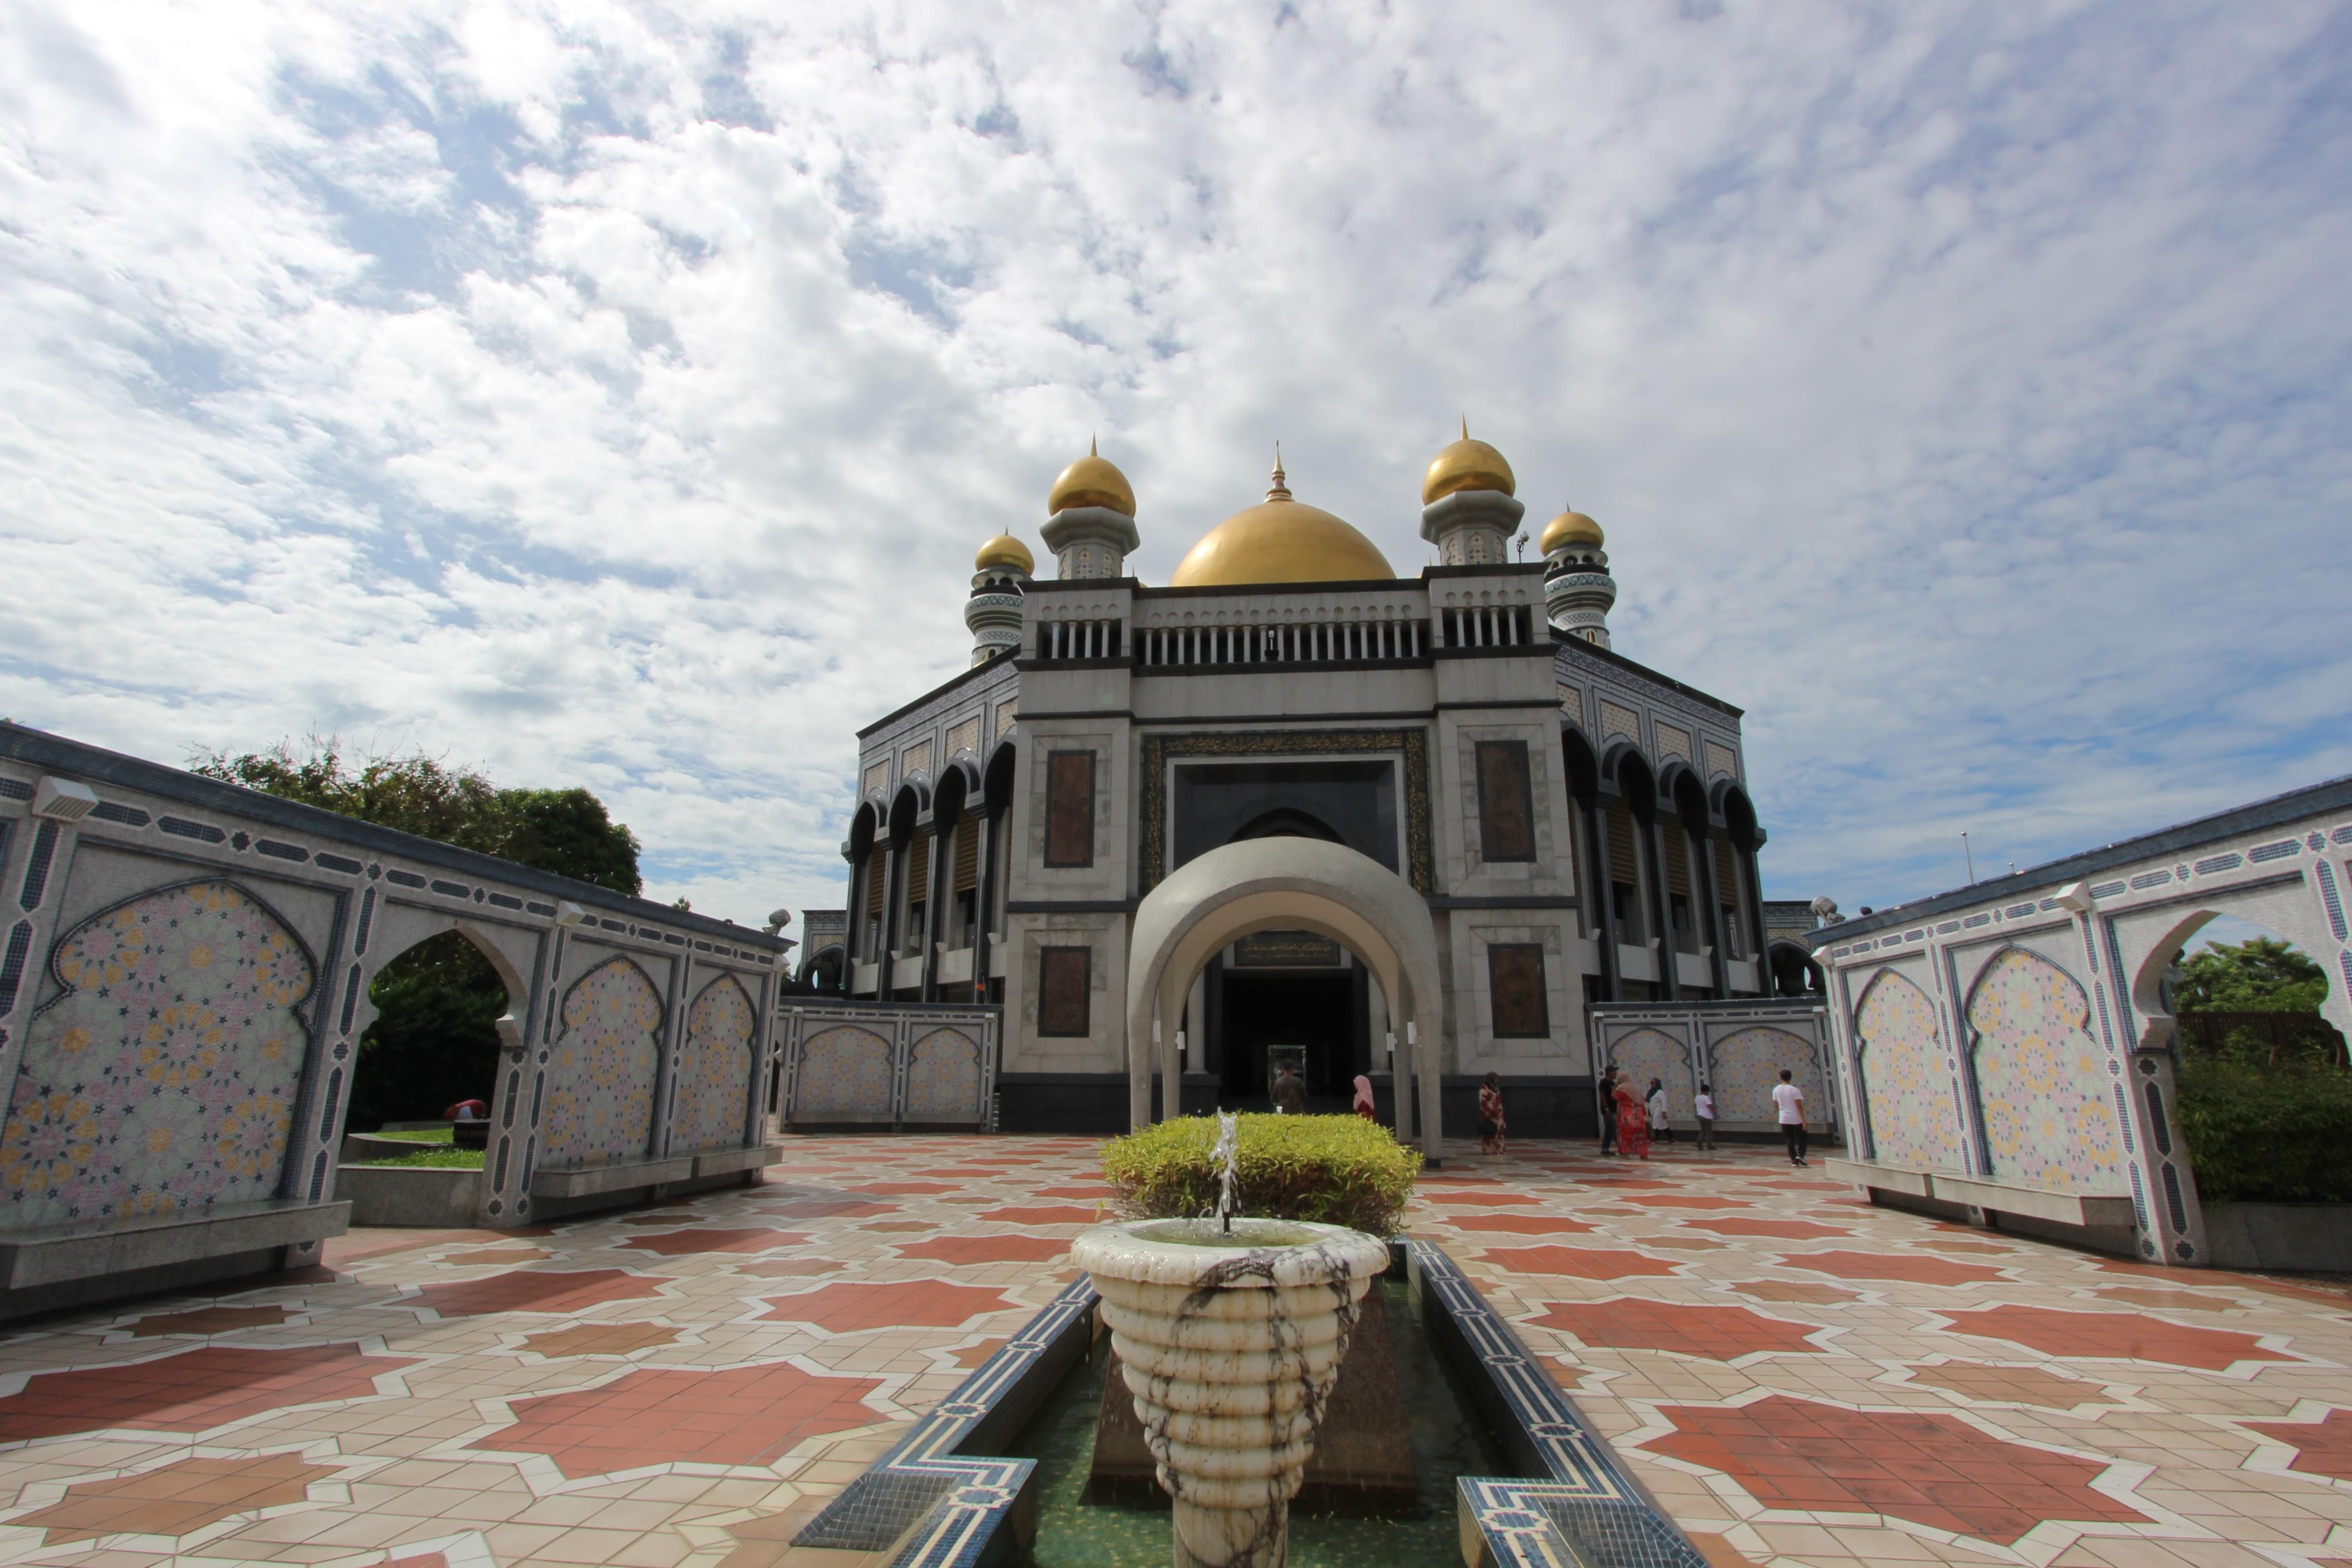 ブルネイ : モスクと熱帯雨林と7つ星ホテル(2泊3日)